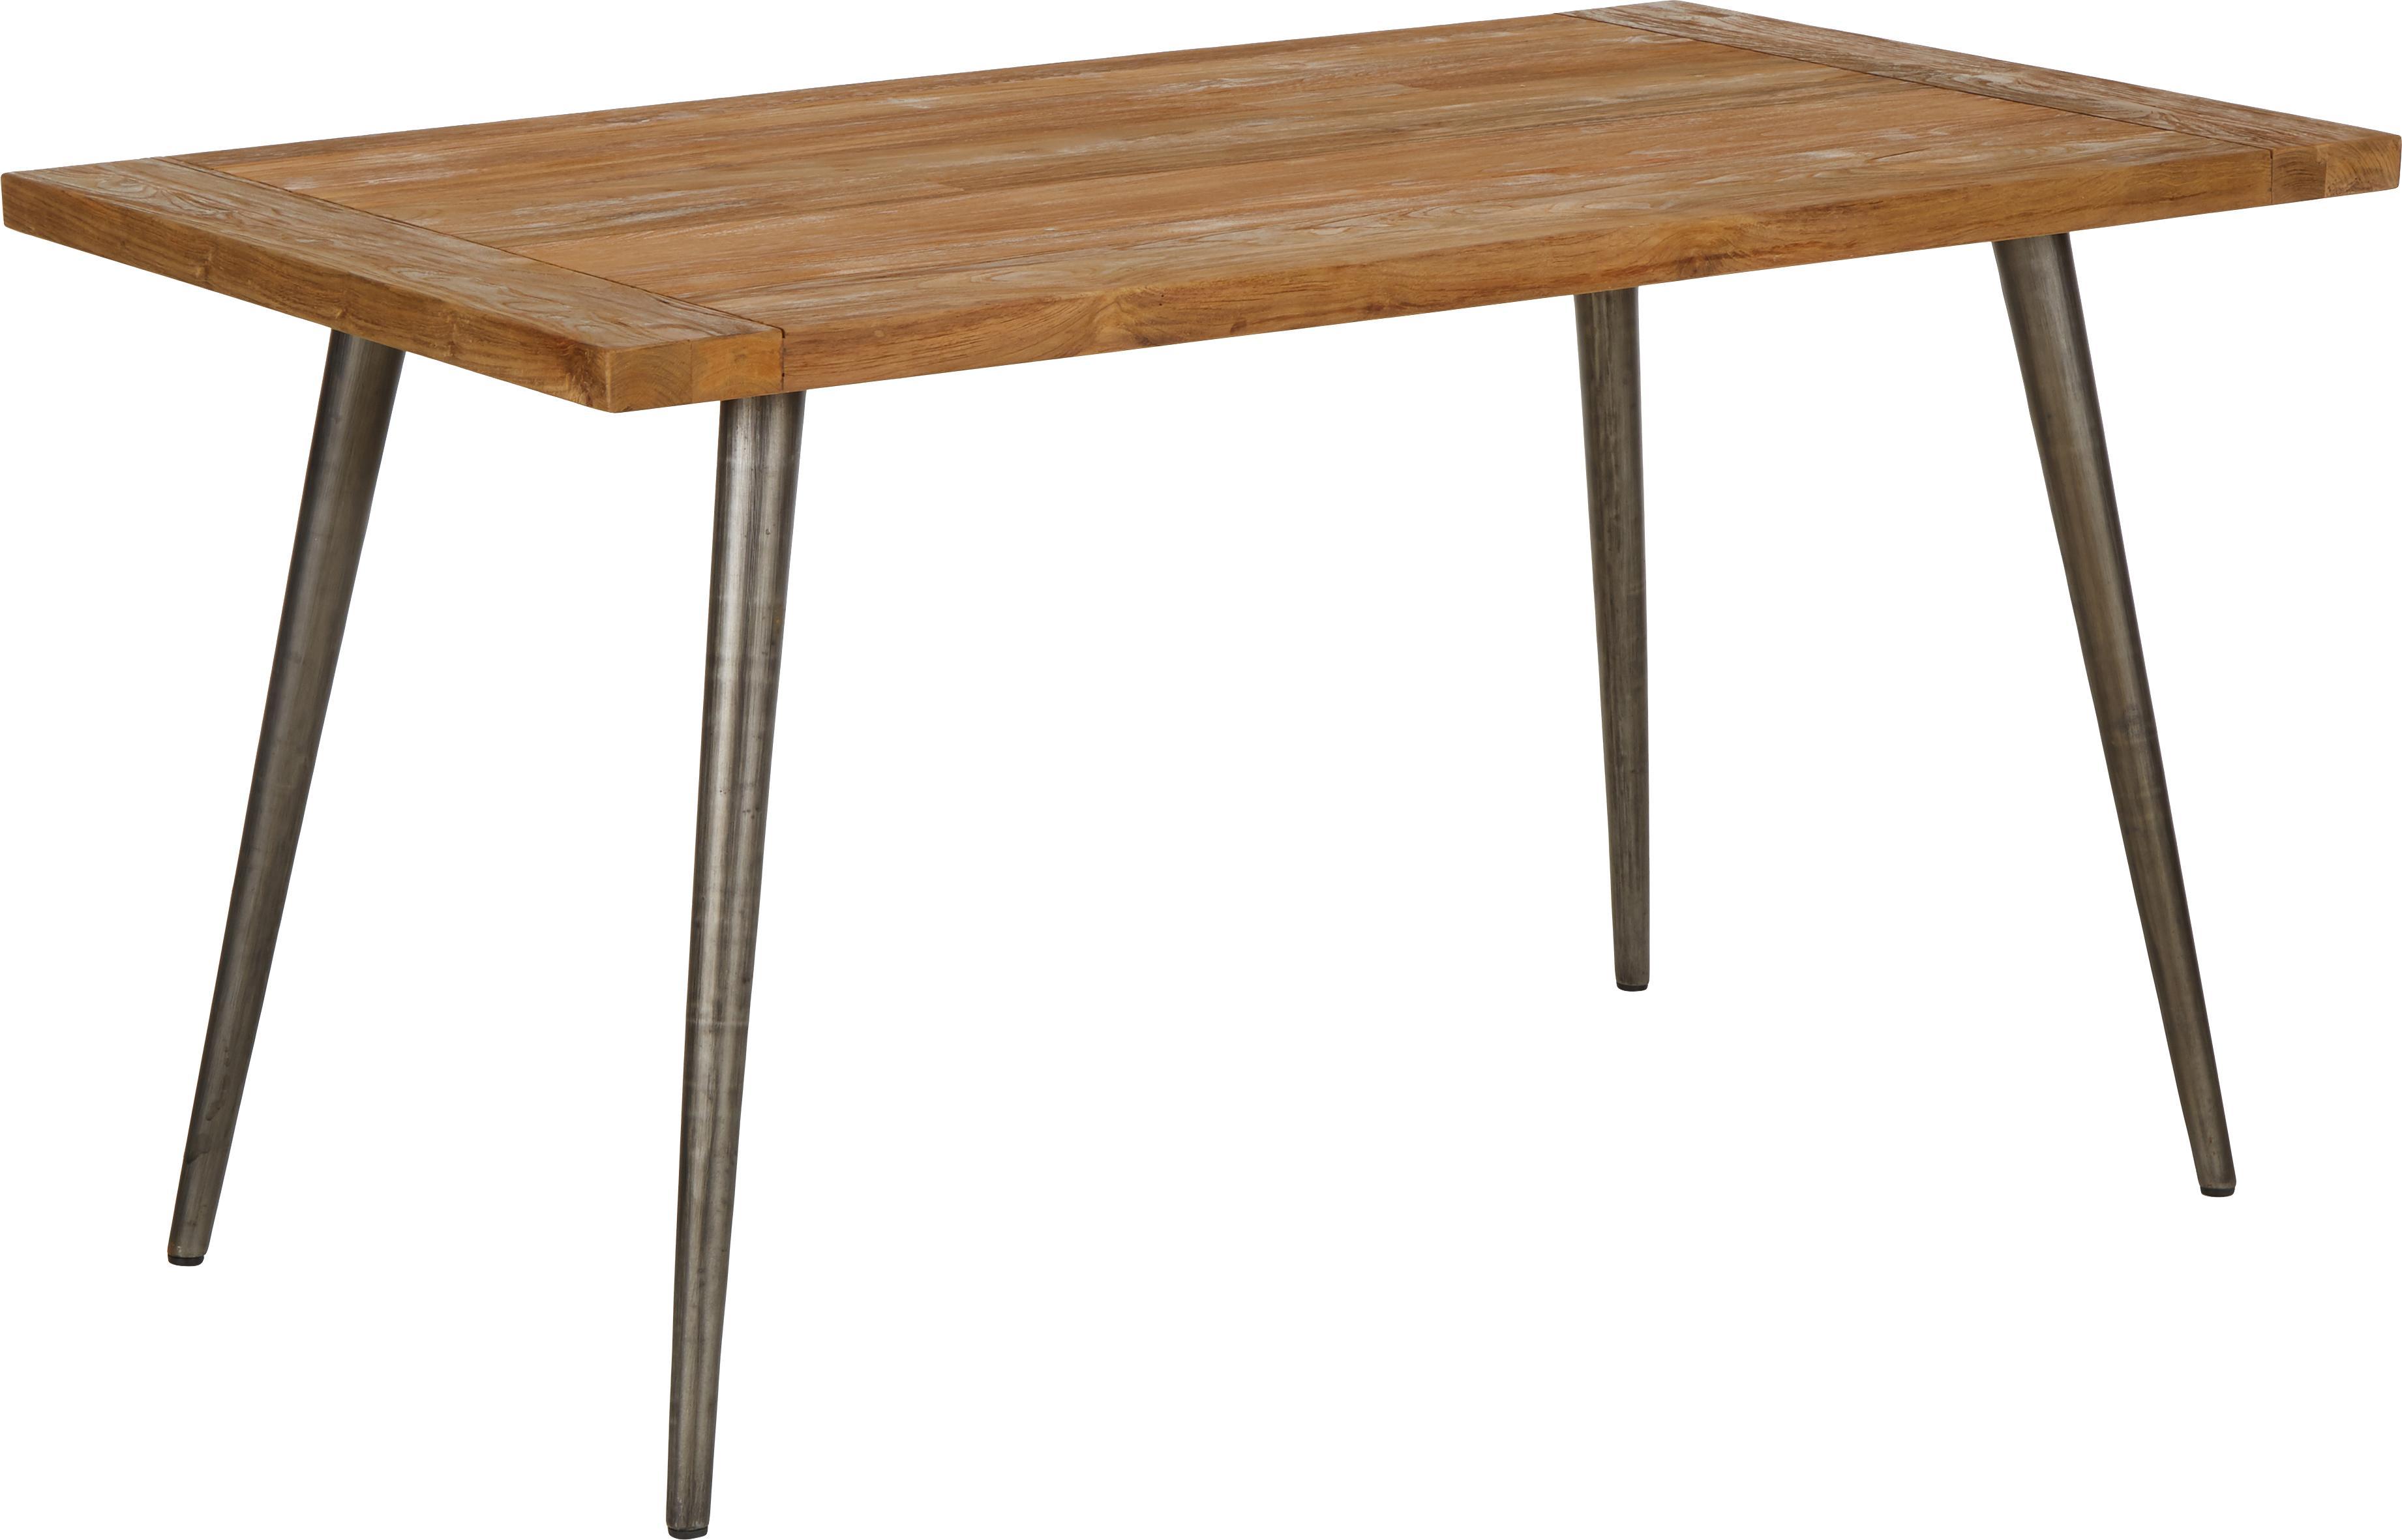 Eettafel Kapal met massief houten tafelblad, Tafelblad: 4 cm sterk, gerecycled ma, Poten: staal met metalen gebruik, Teakhoutkleurig, zwart, B 140 x D 80 cm